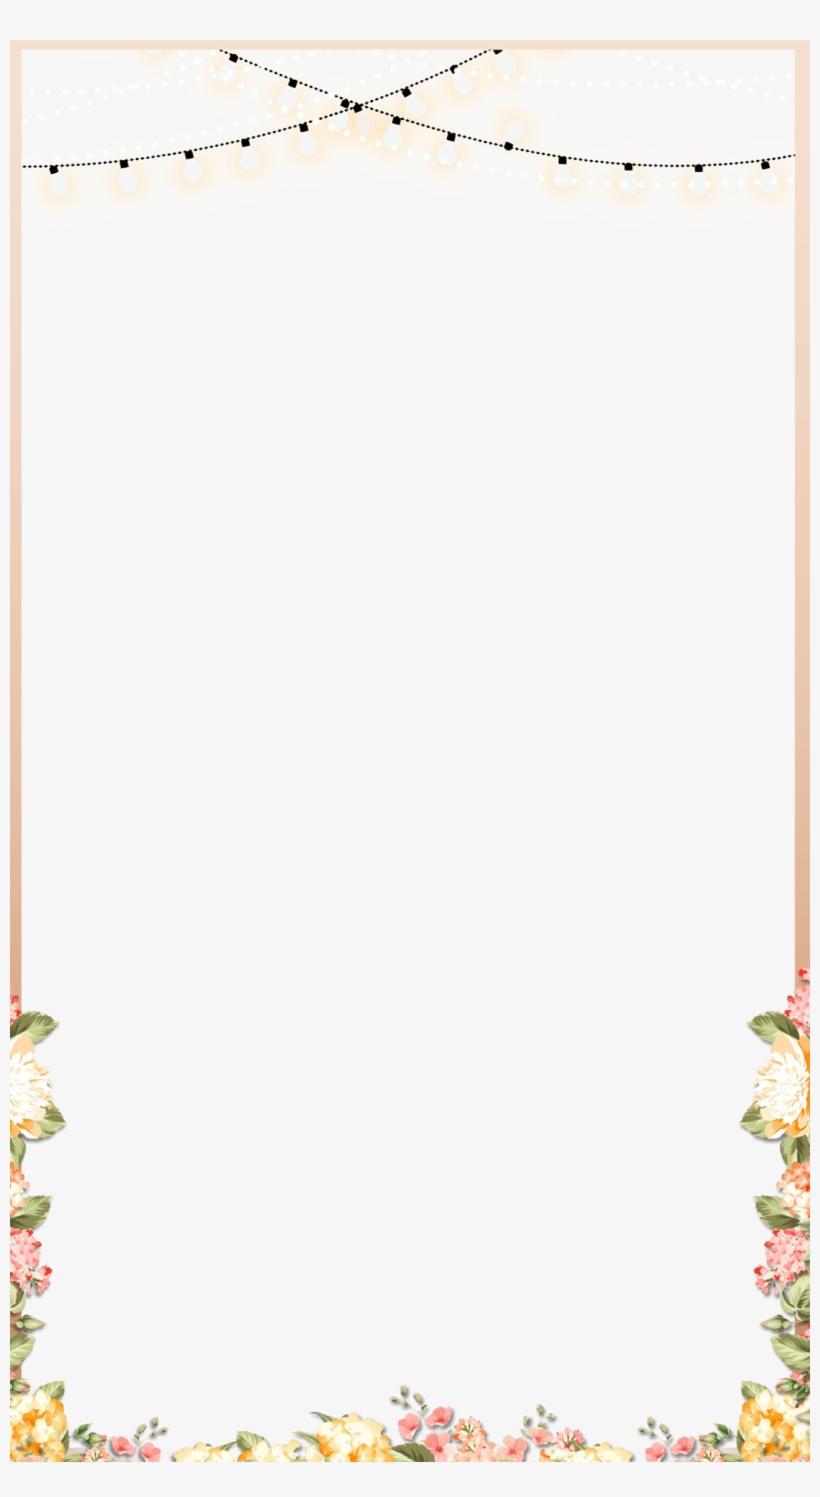 Elegant Rose Gold Spring Floral Wedding Snapchat Filter - Snapchat Wedding Filter Png, transparent png #10317